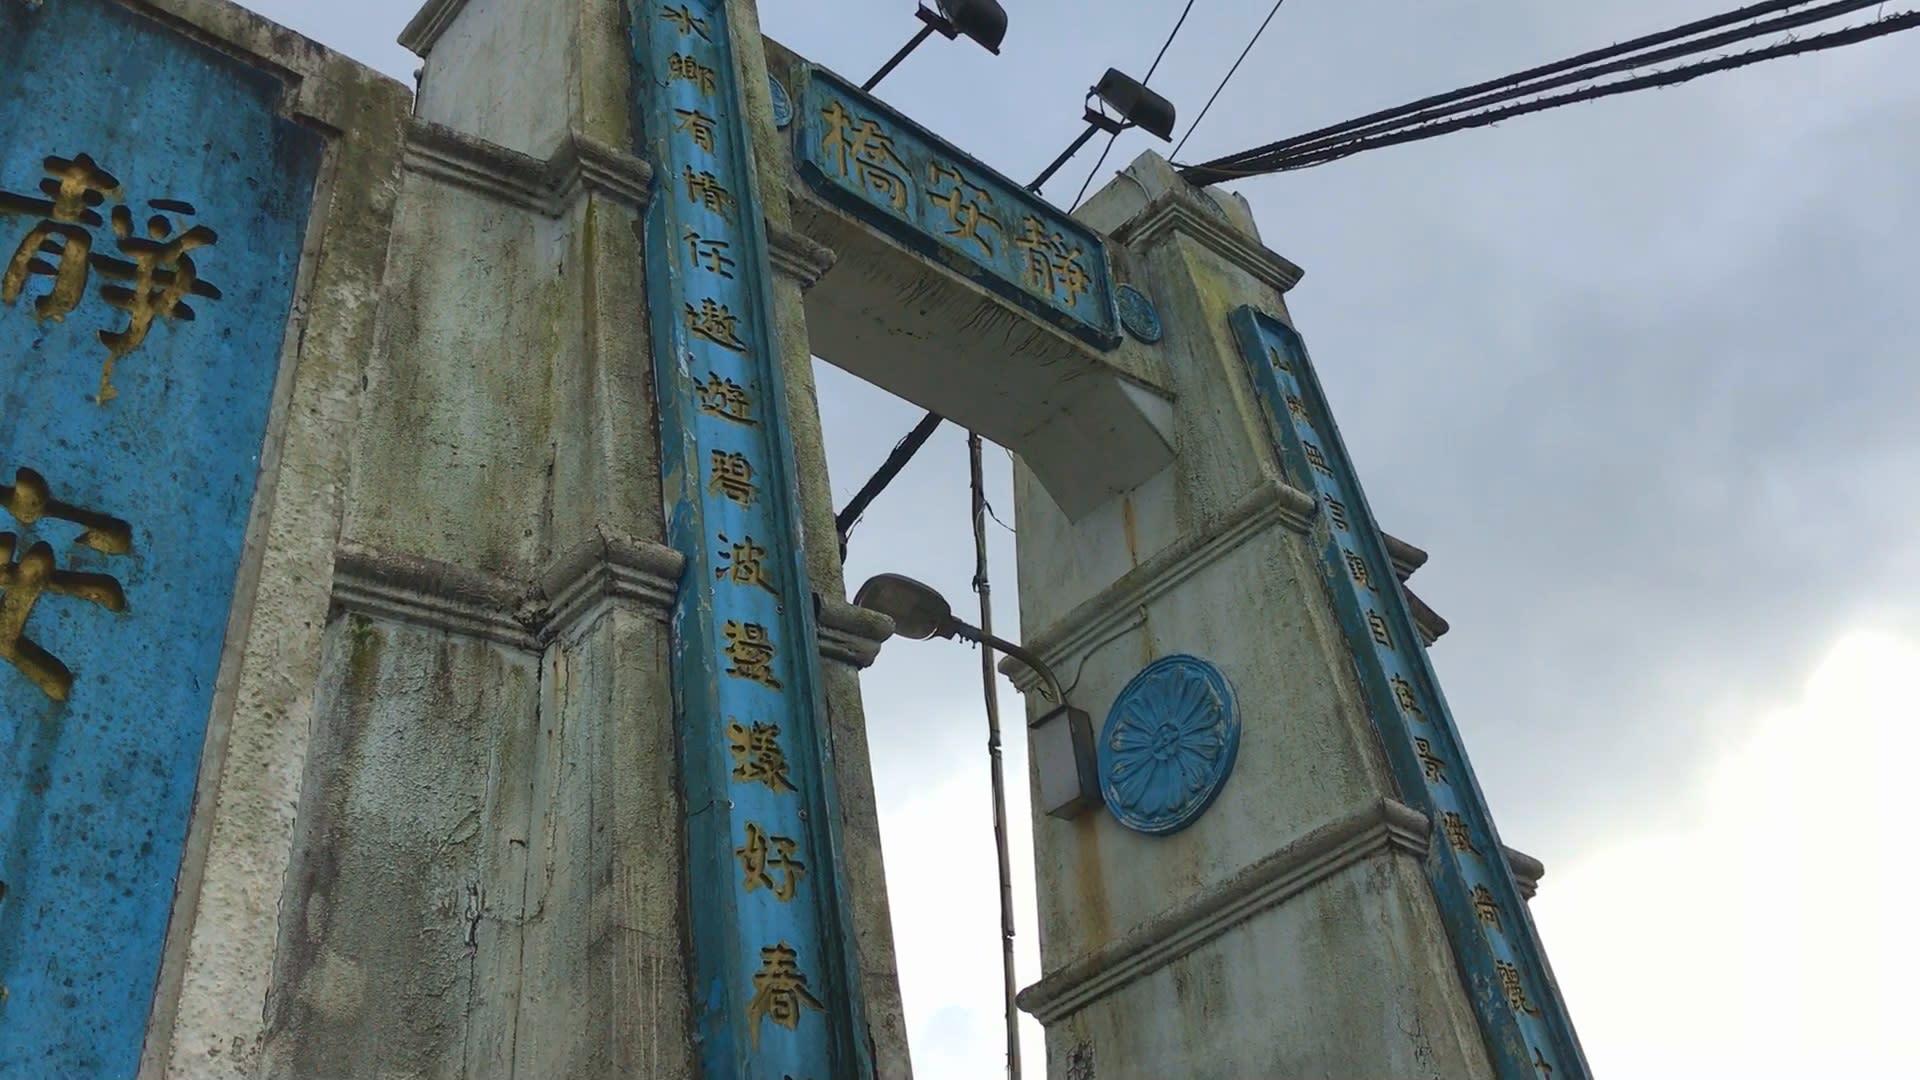 靜 安 吊 橋 於 民 國 3 6 年 建 造 用 來 運 送 煤 礦, 後 來 媒 礦 停 採 之 後 , 就 改 建 為 行 人 專 用 的 交 通 要 道 。